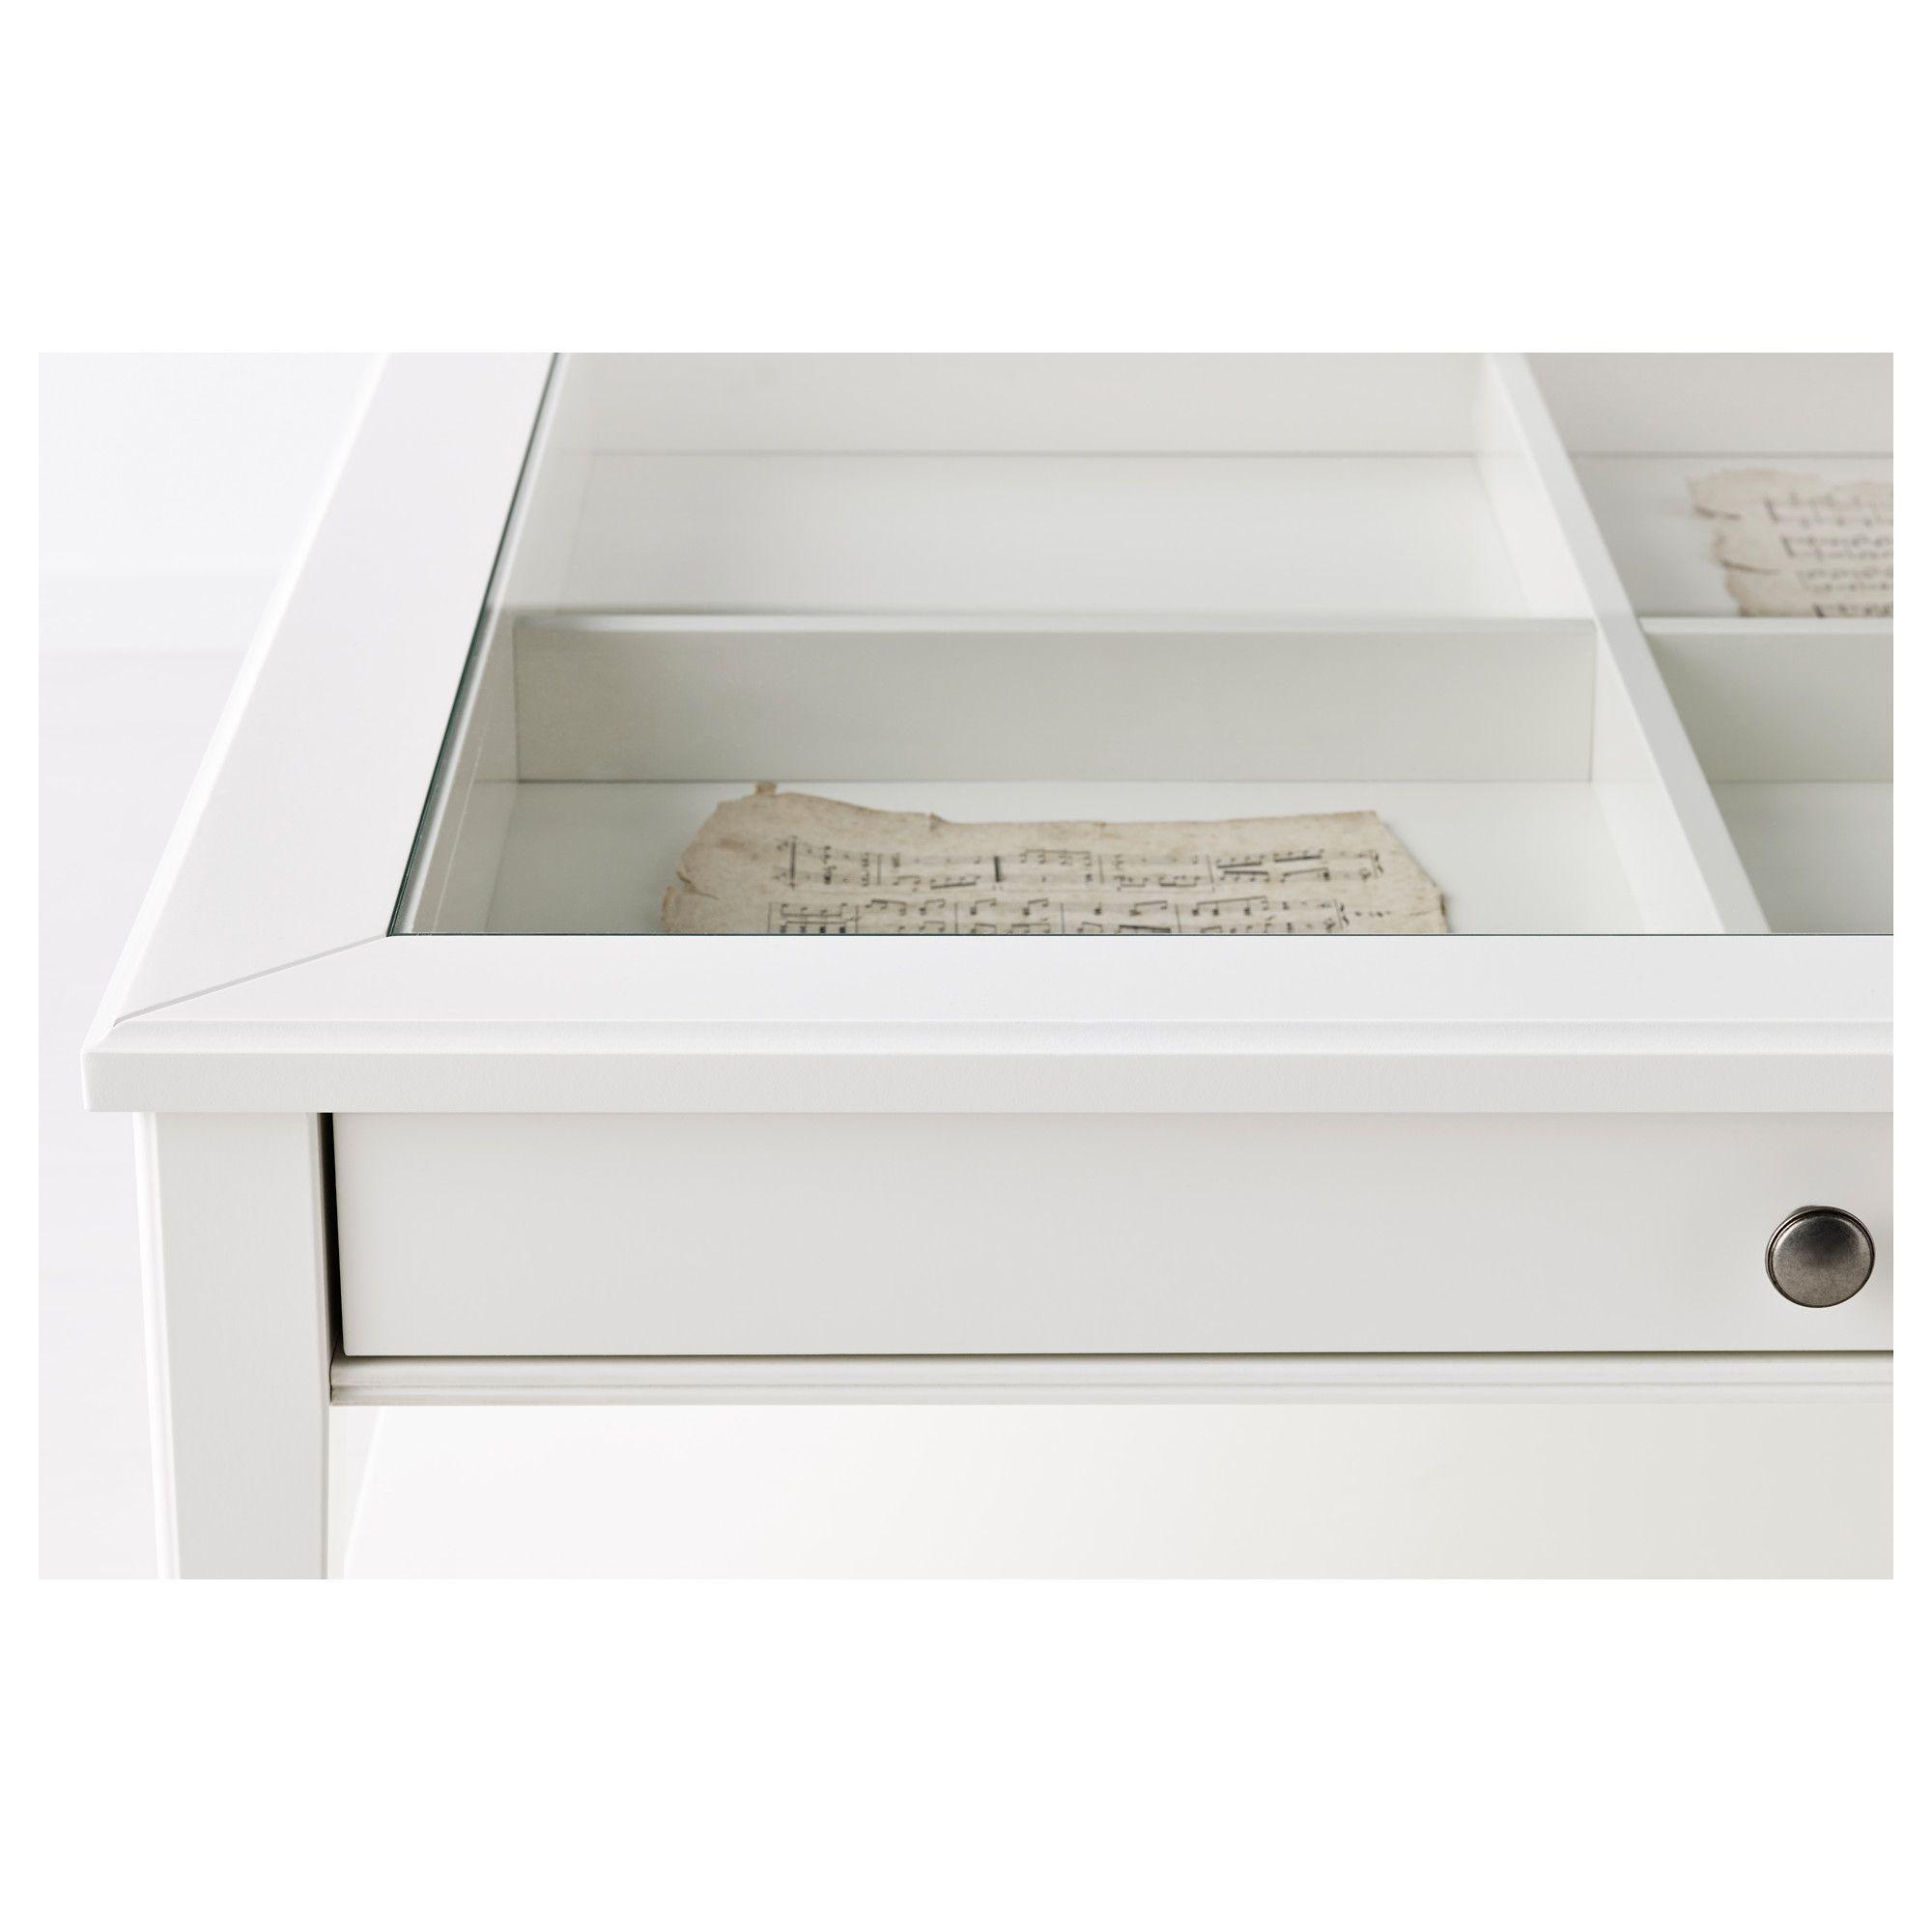 ikea klapptisch wohnzimmer : Liatorp 93 93 Ikea To Buy Pinterest